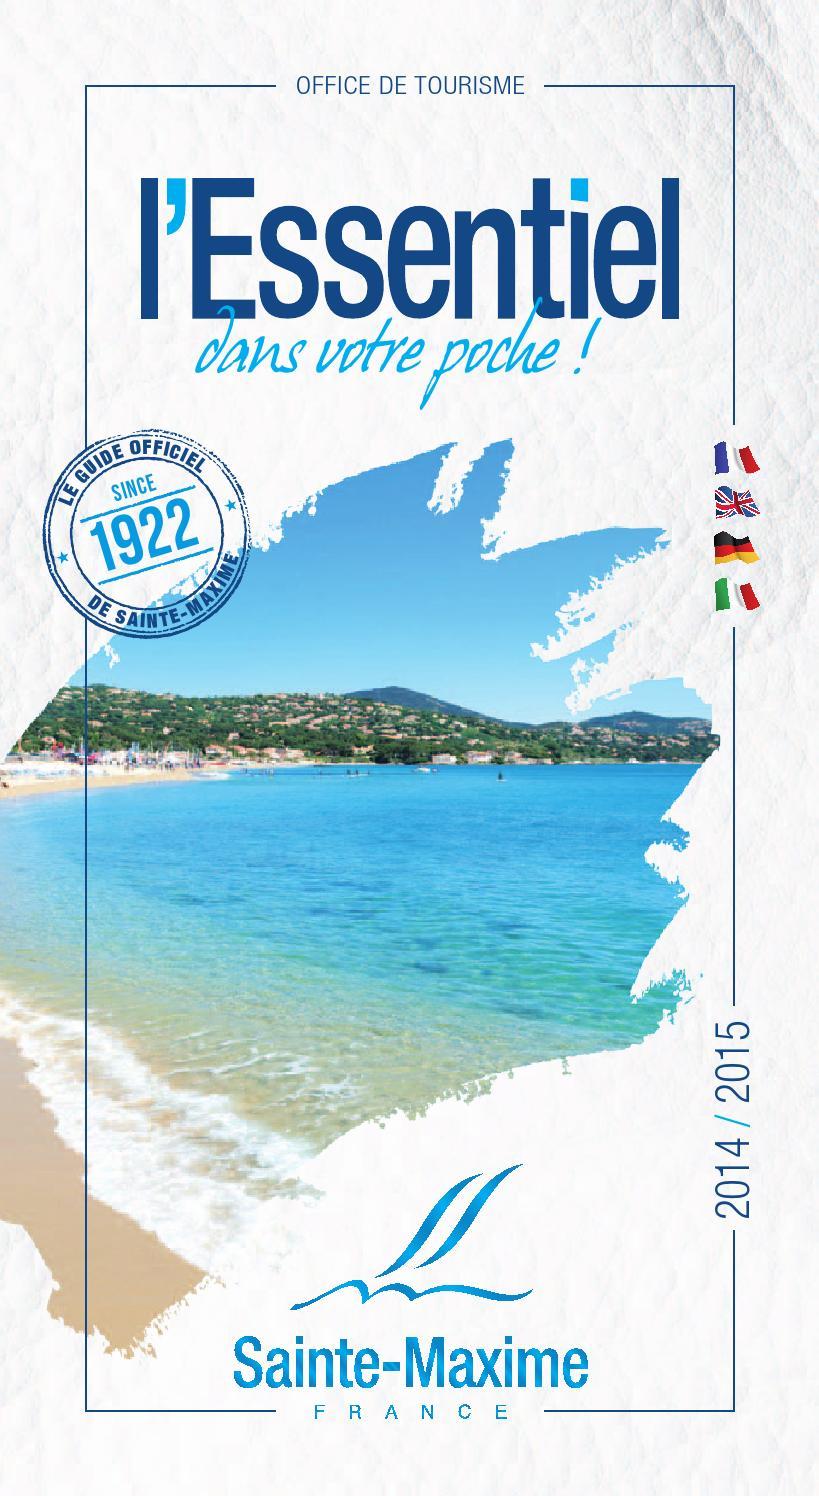 Brochure l 39 essentiel 2014 2015 by office de tourisme de sainte maxime issuu - Office tourisme sainte maxime ...